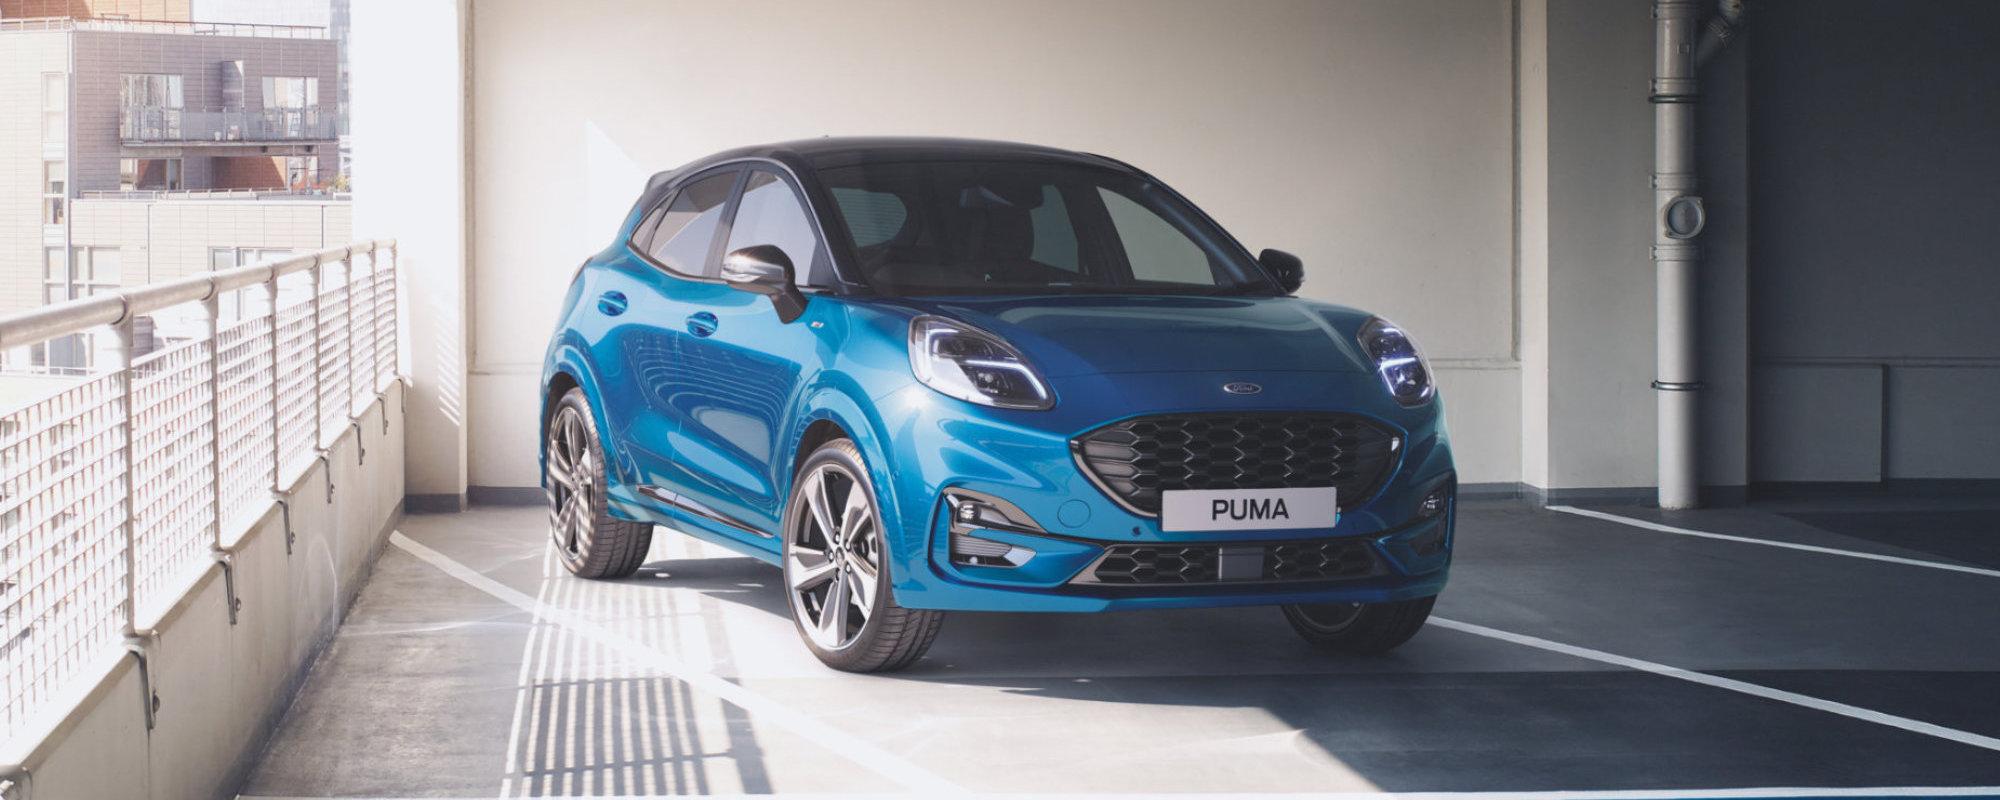 Hunsbedt Bil as i Kvinesdal - Ford Puma